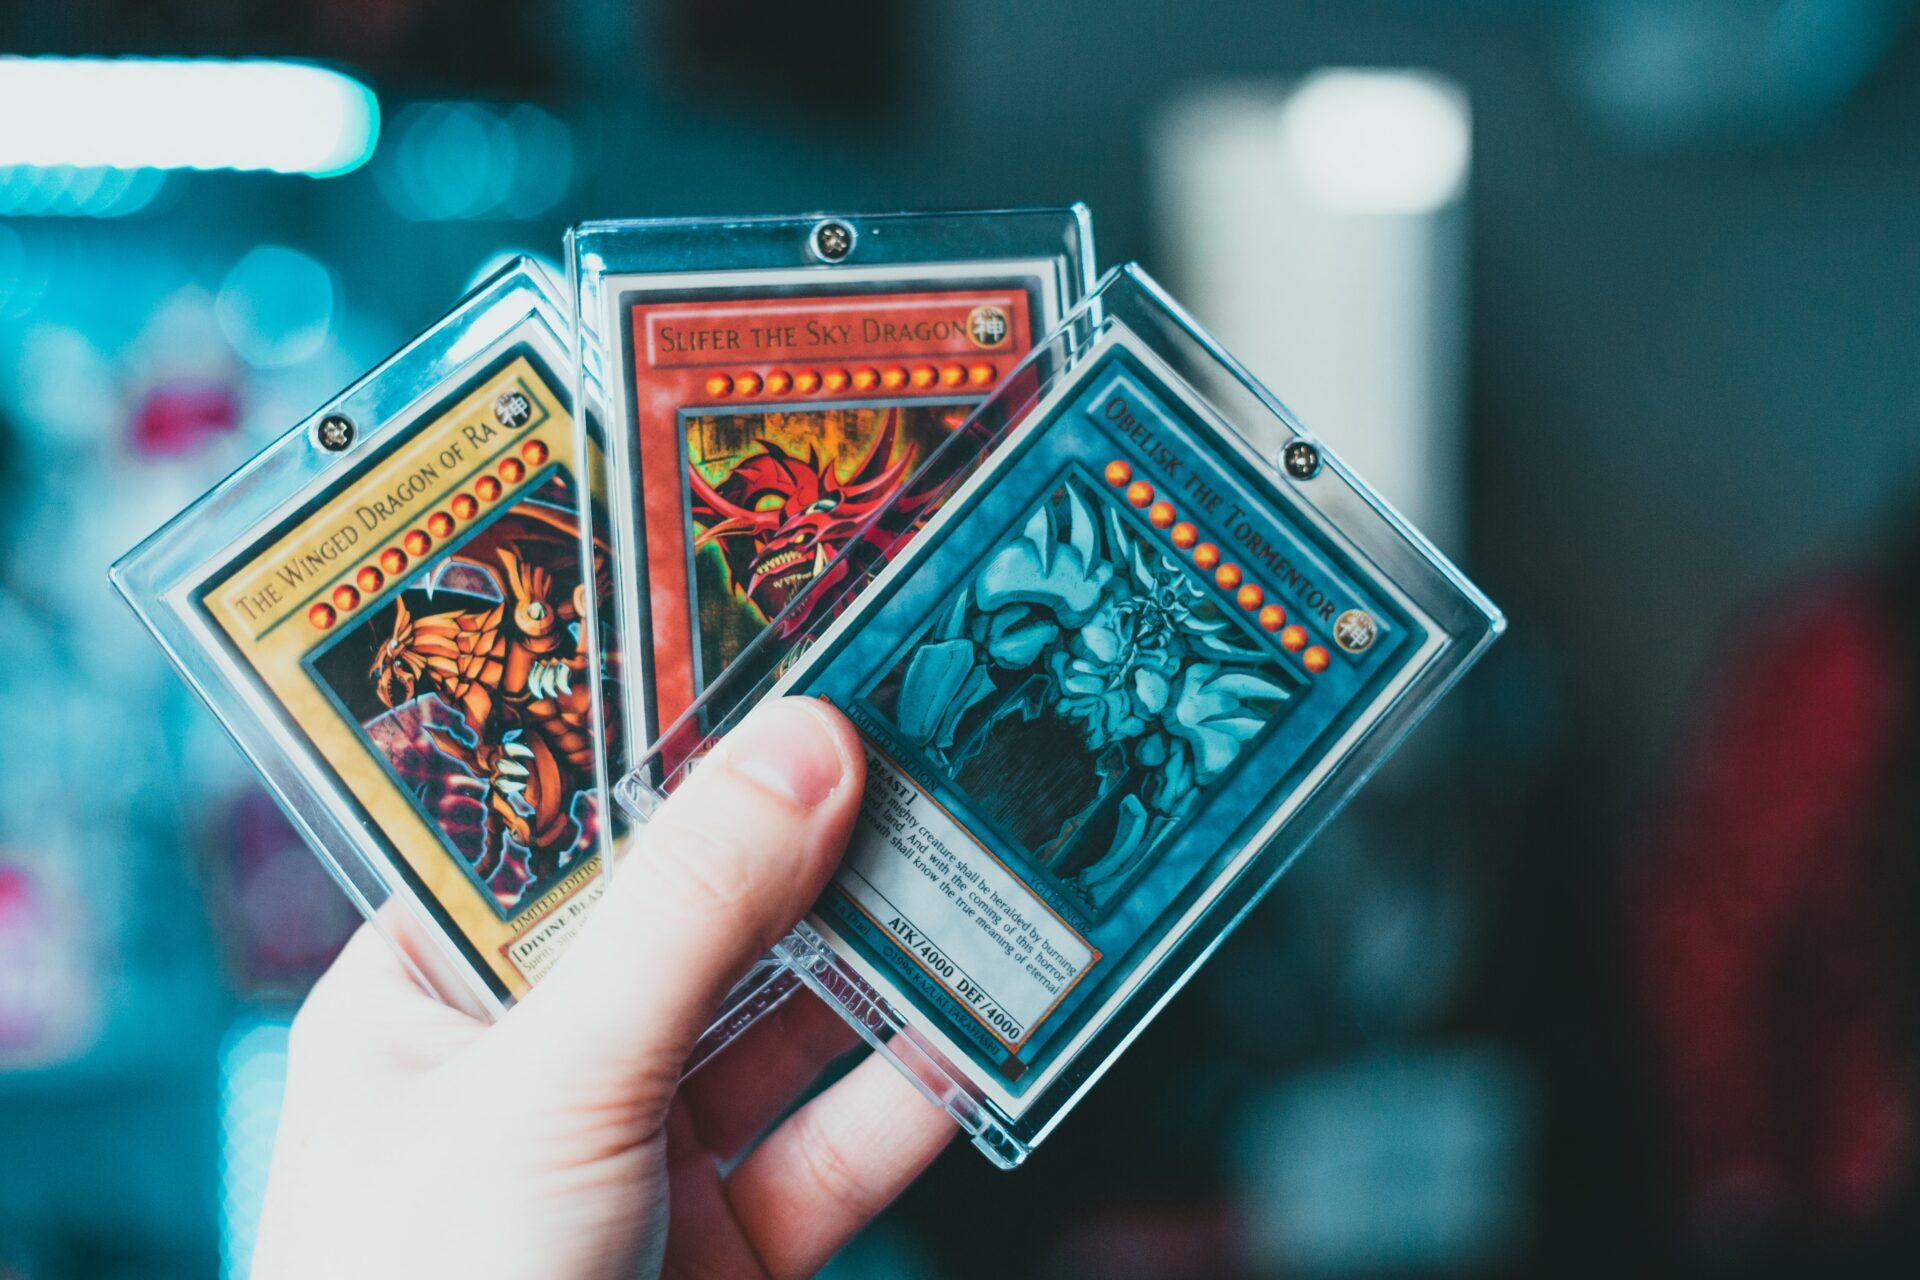 トレカカードに特化したフリマアプリ「magi(マギ)」の魅力は?評判は?などmagiを徹底解説!